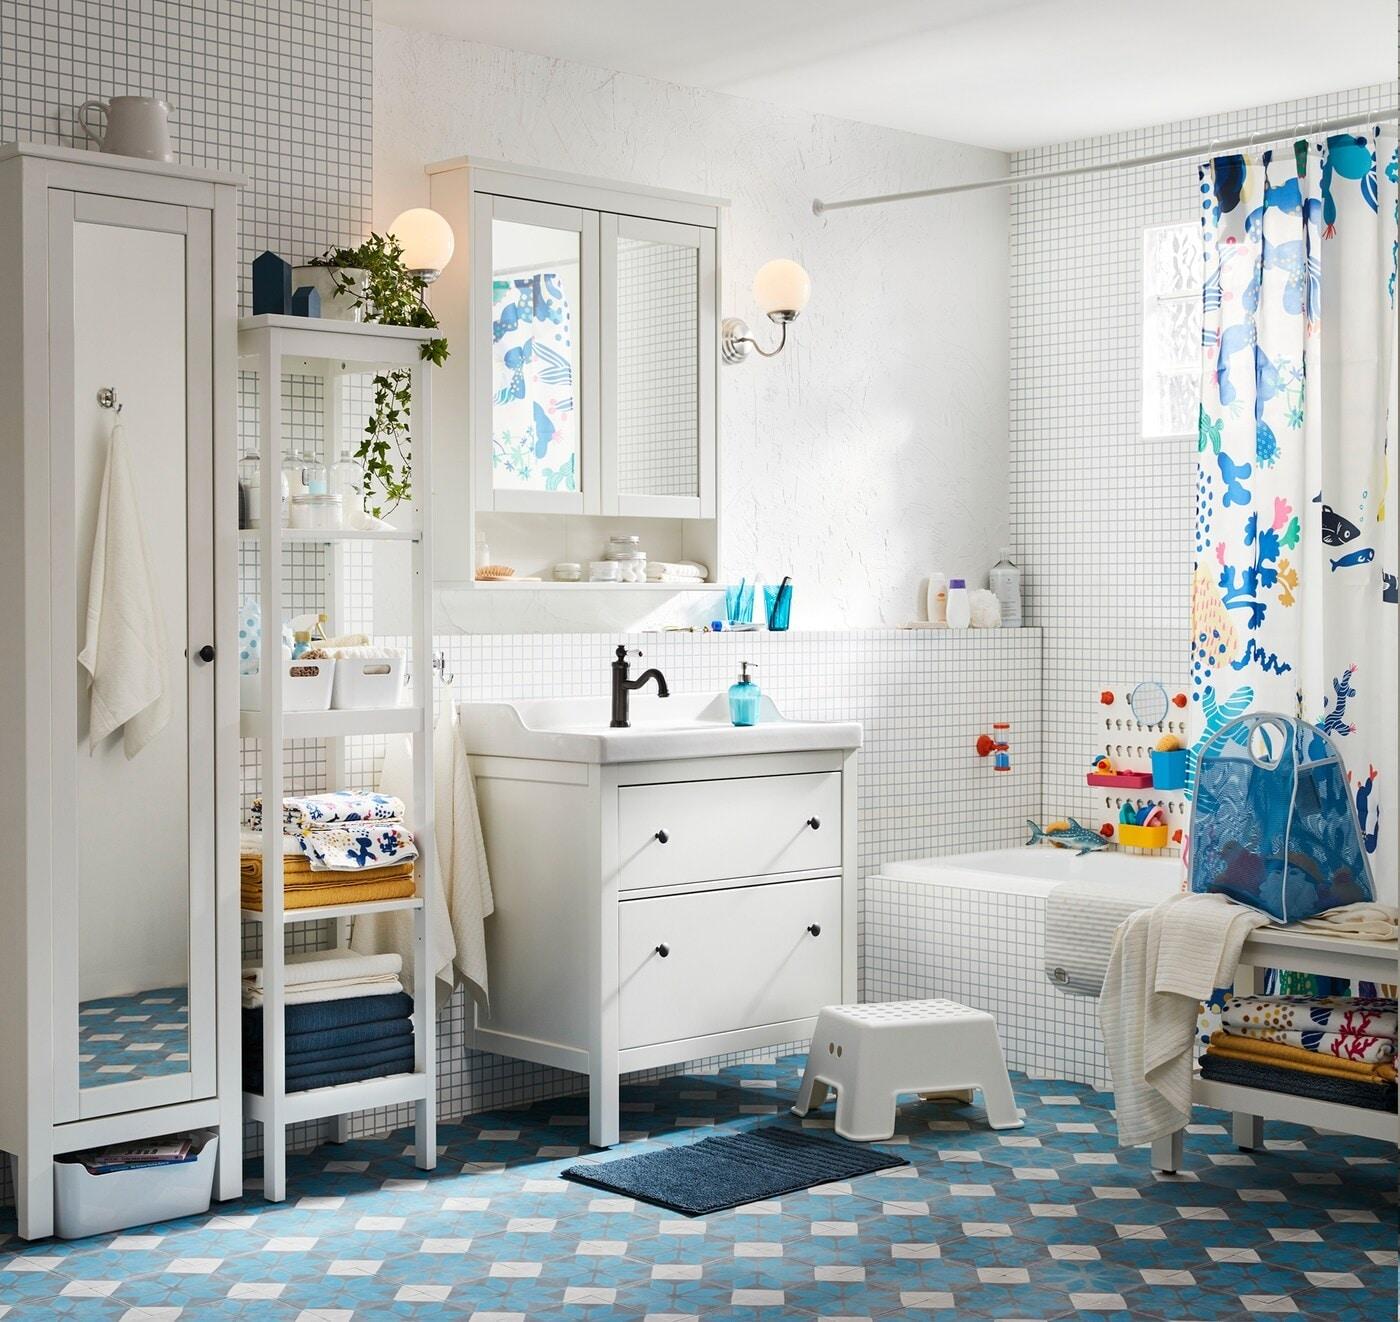 Badezimmer verspielt gestalten & dekorieren   IKEA Deutschland